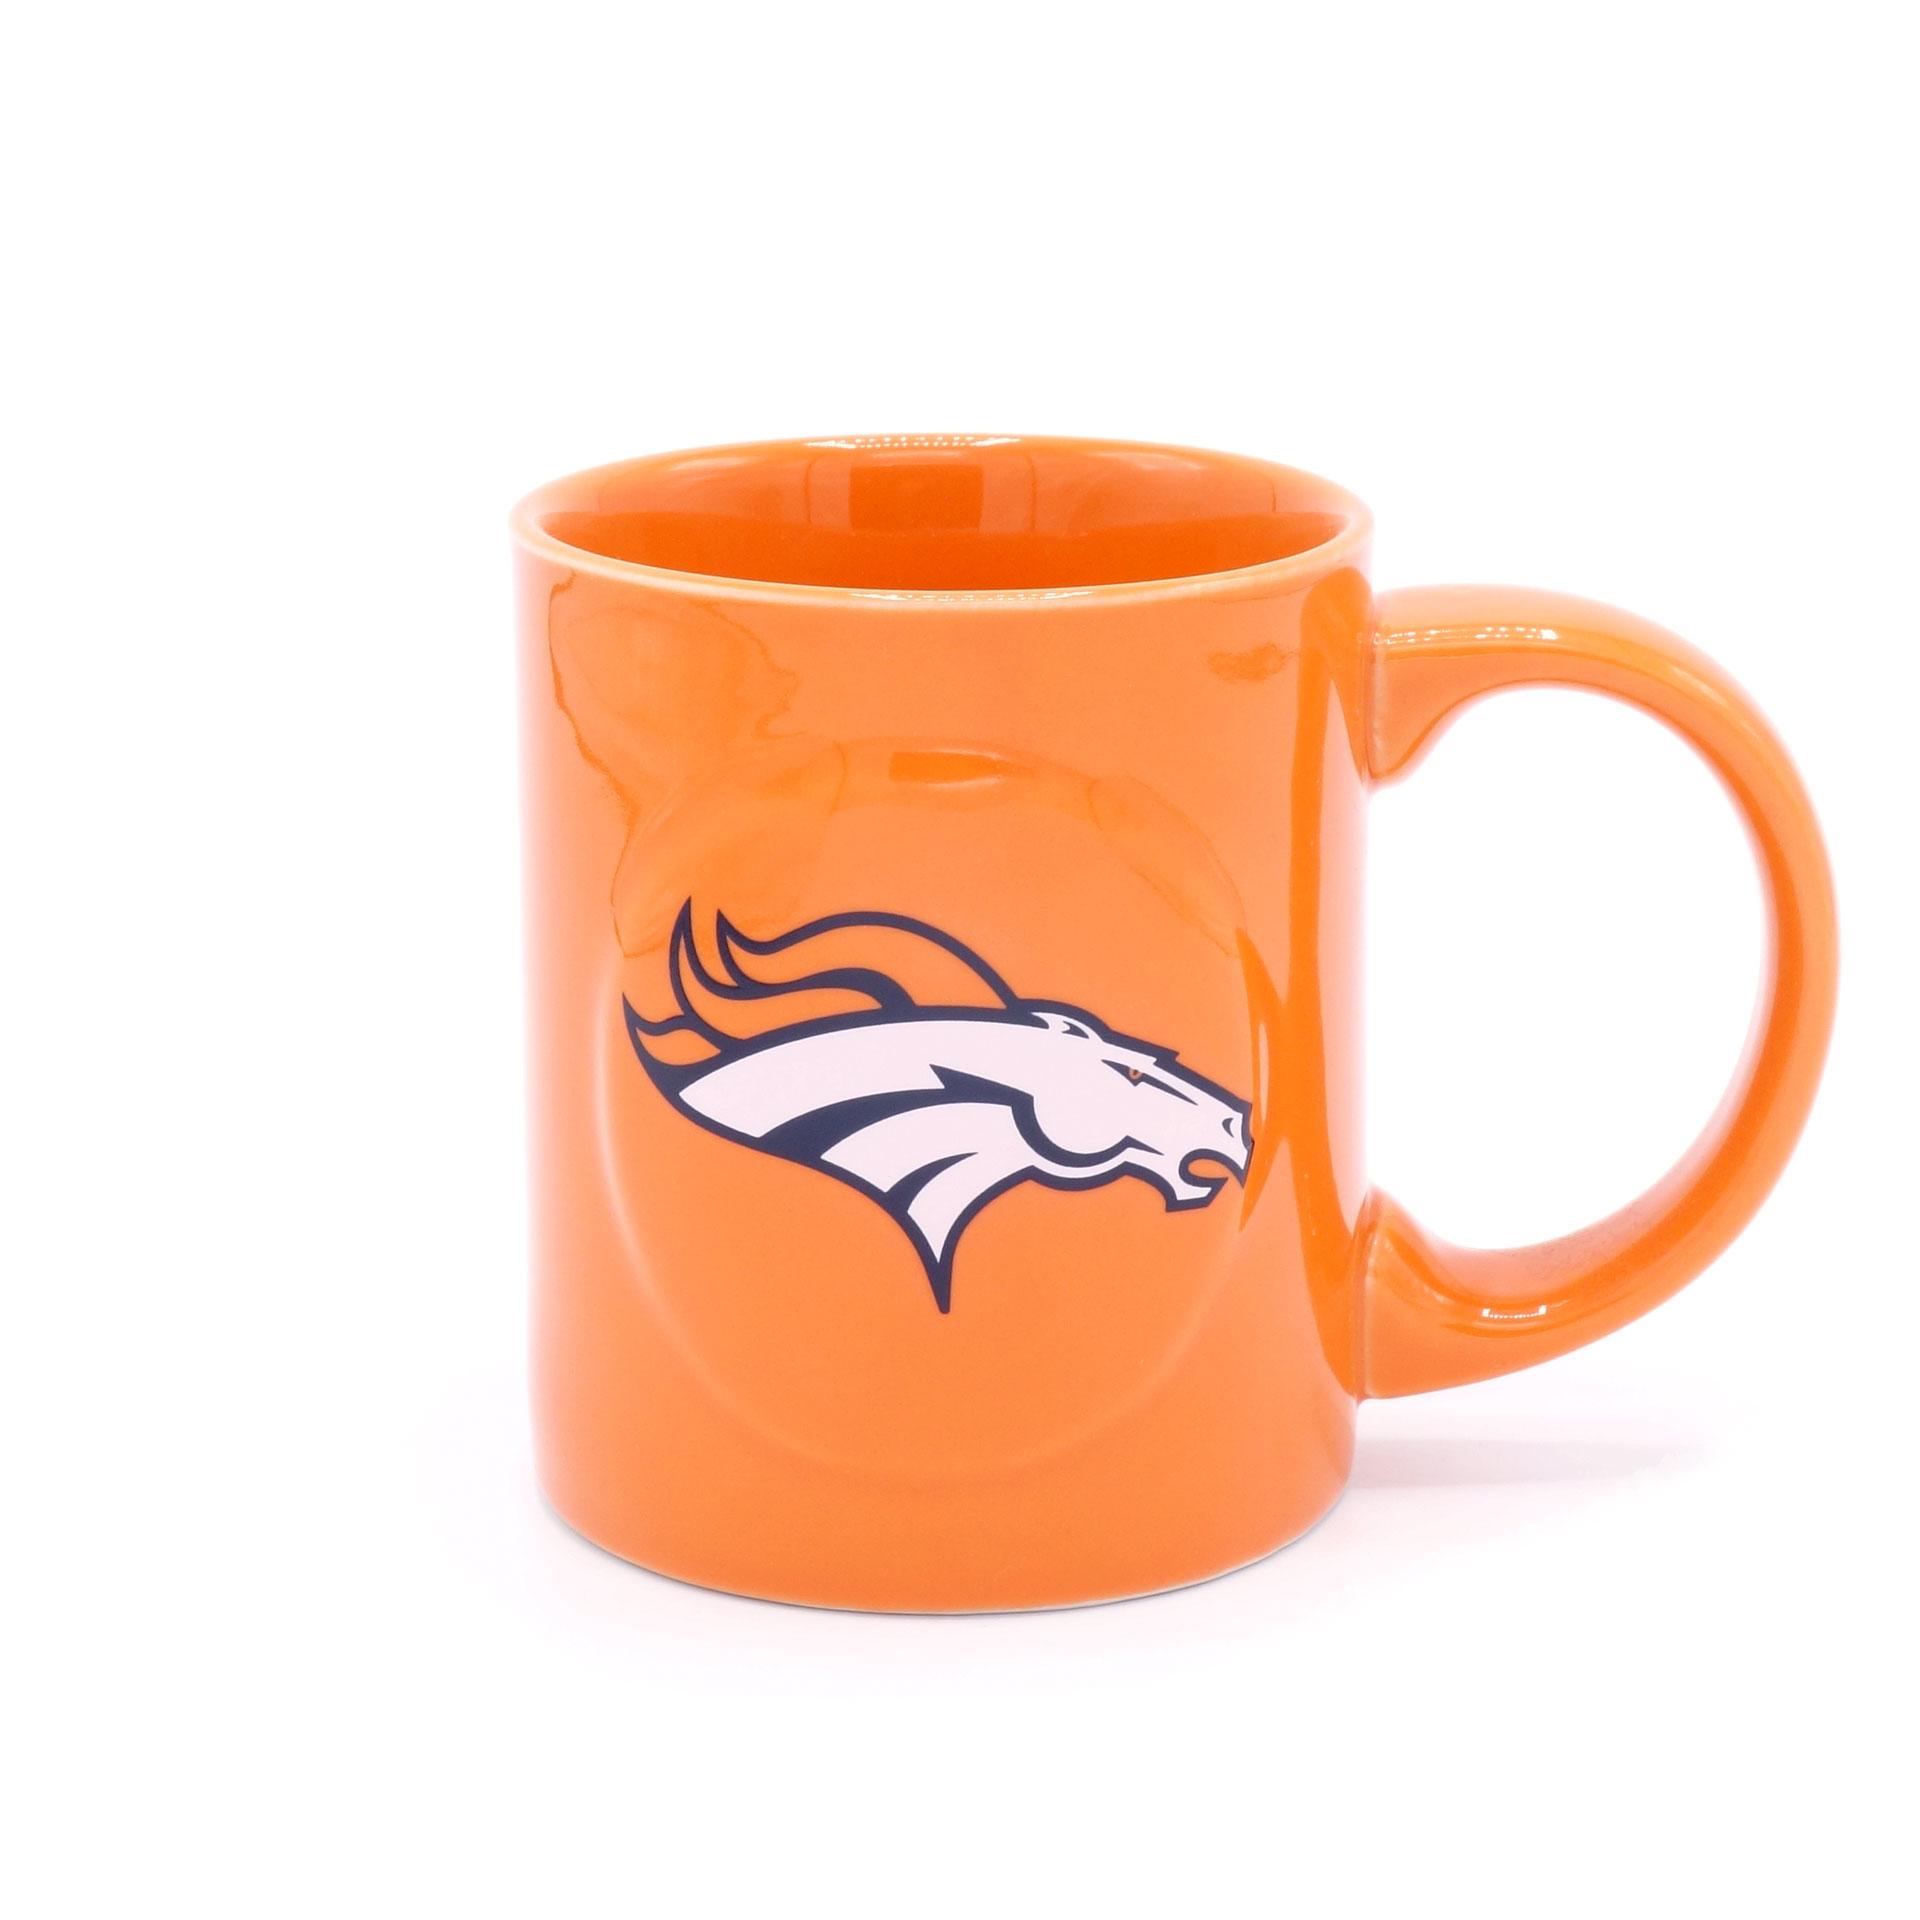 NFL Tasse Denver Broncos Ralley